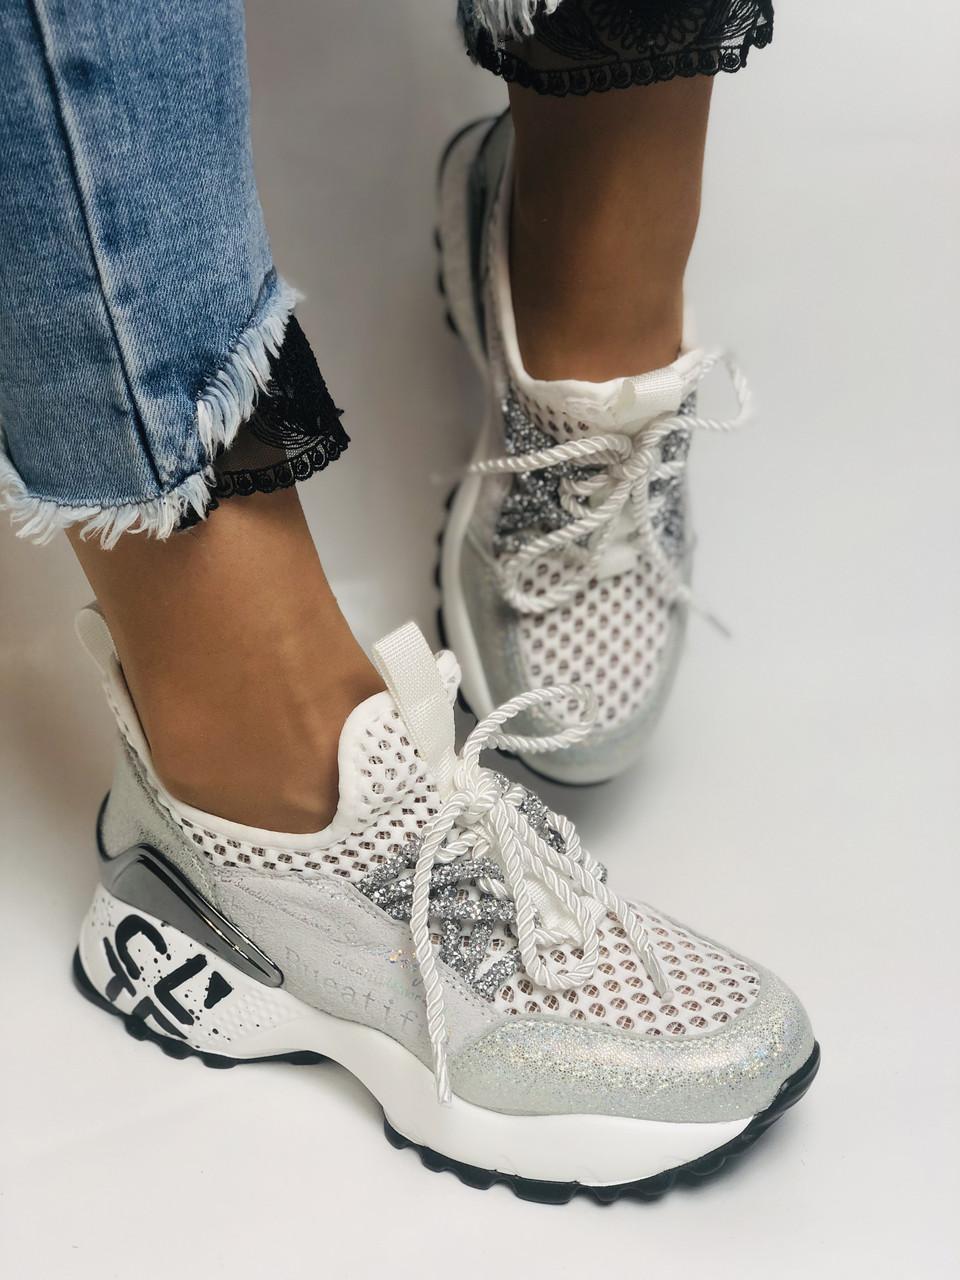 Женские кроссовки  из натуральной кожи с текстилем,черные. Плотный текстиль. Размер 36.37, 39